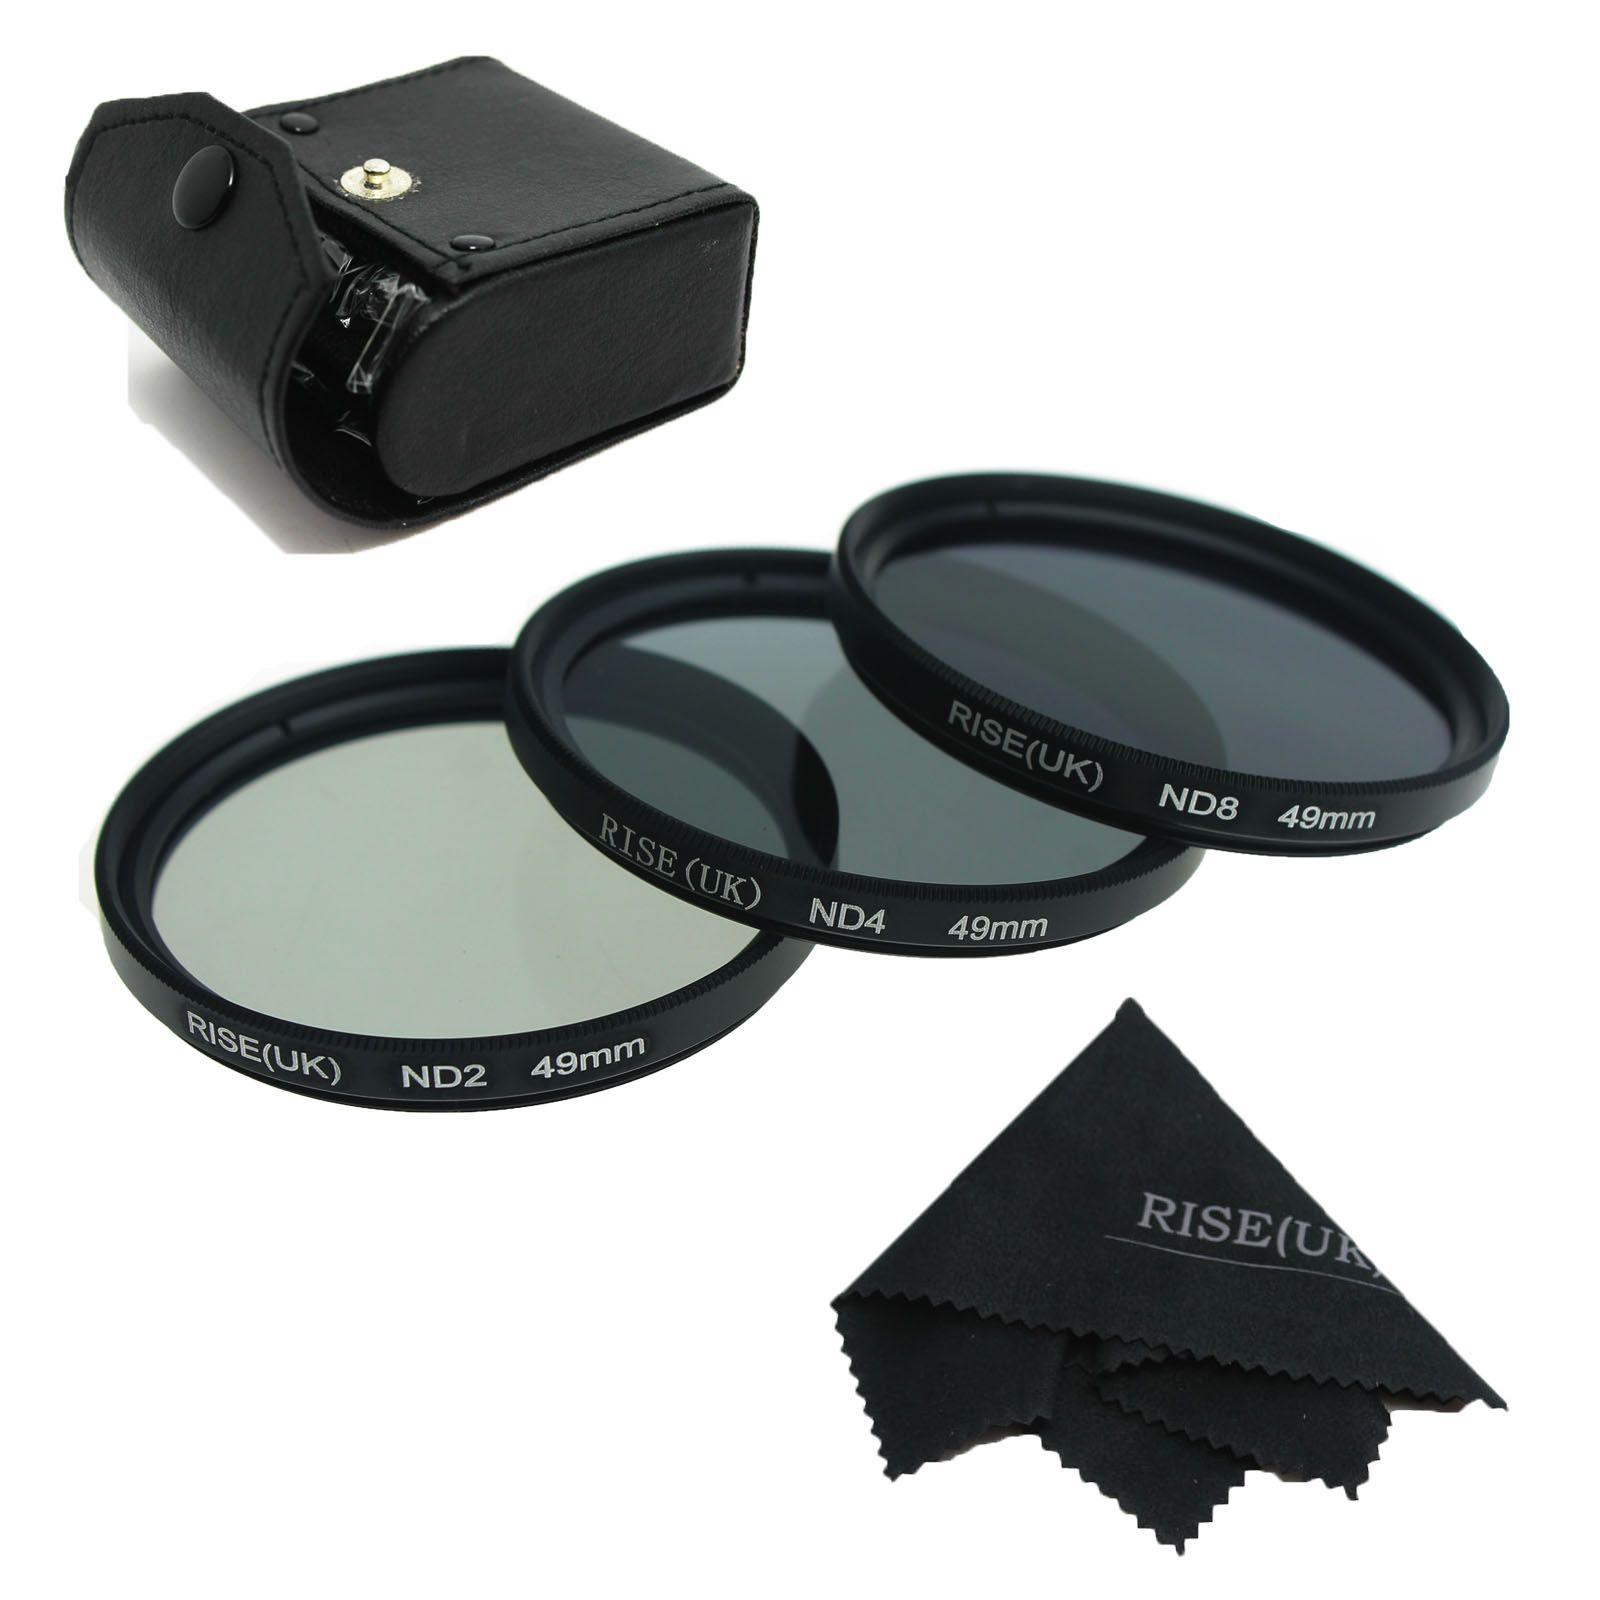 RISE (ROYAUME-UNI) 49mm 52mm 55mm 58mm 62mm 67mm 72mm 77 MM Densité Neutre filtre Objectif de Kit ND2 ND4 ND8 ND 2 4 8